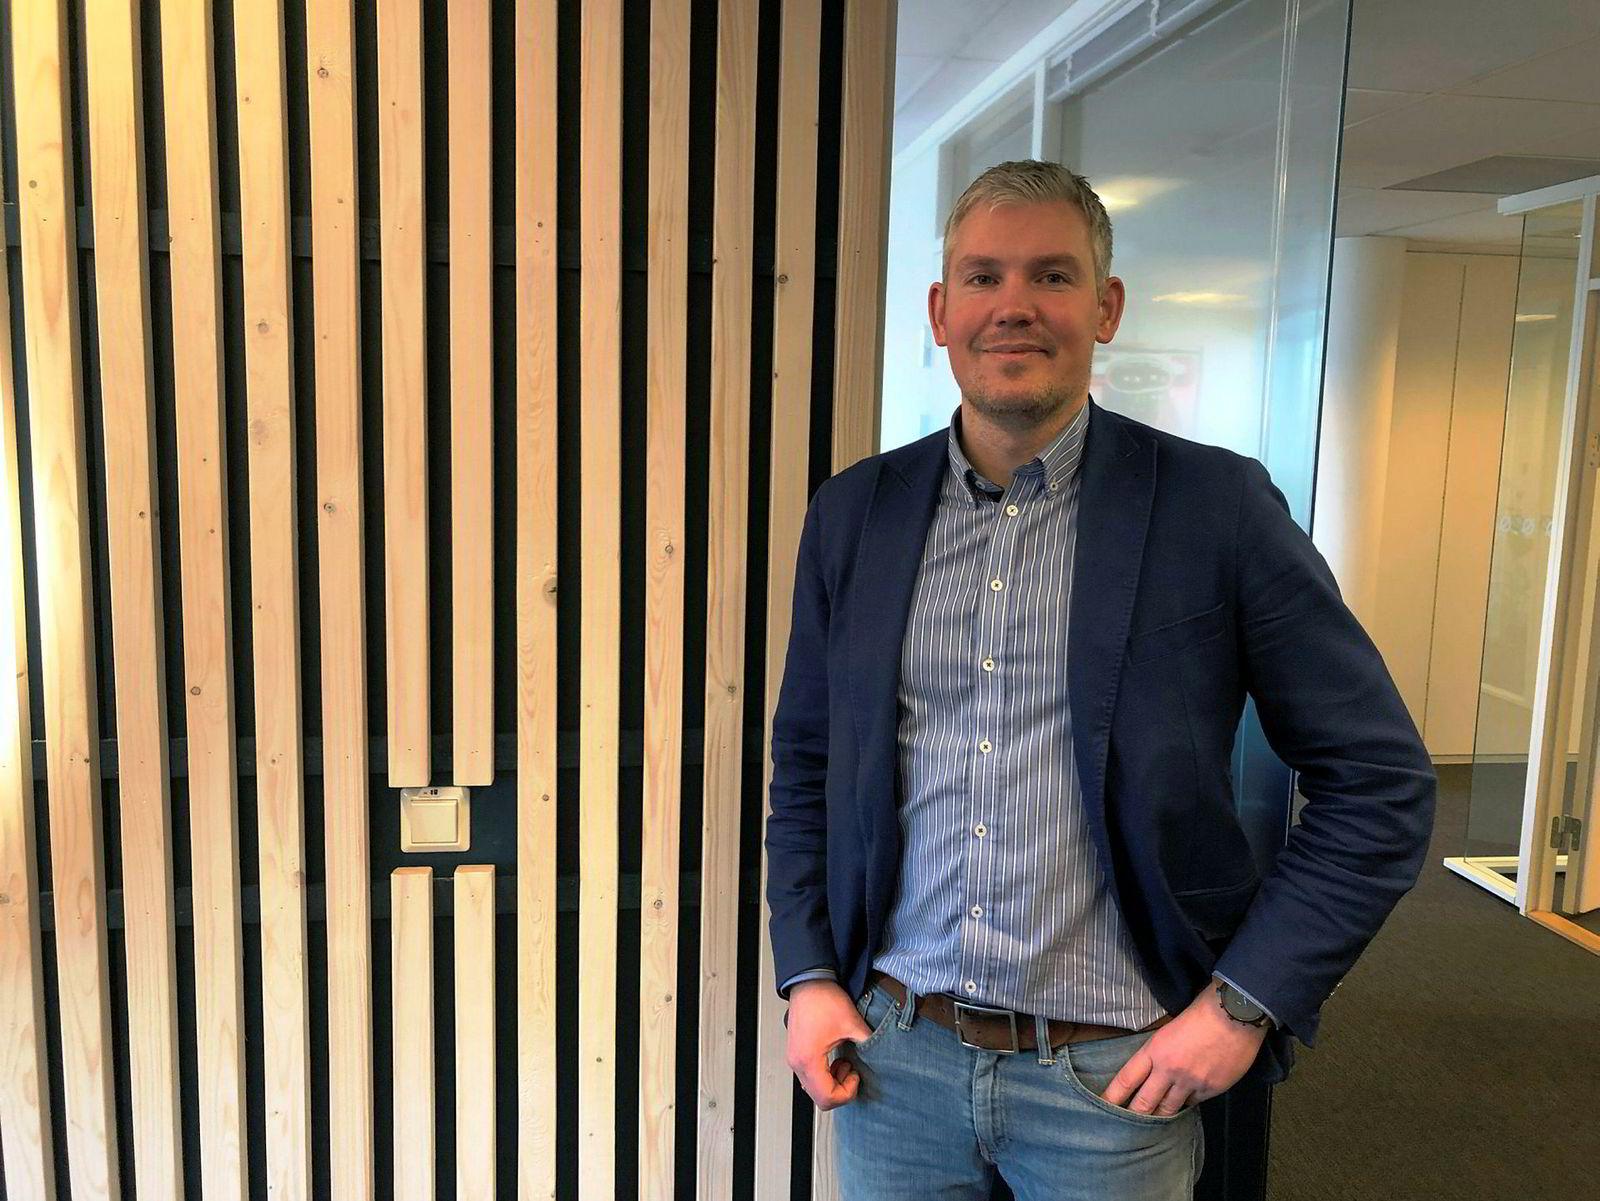 Fixrate-gründer Brynjar Ellingsen på besøk hos Nysnø i Stavanger i forbindelse med et initiativ for grønne bankinnskudd.